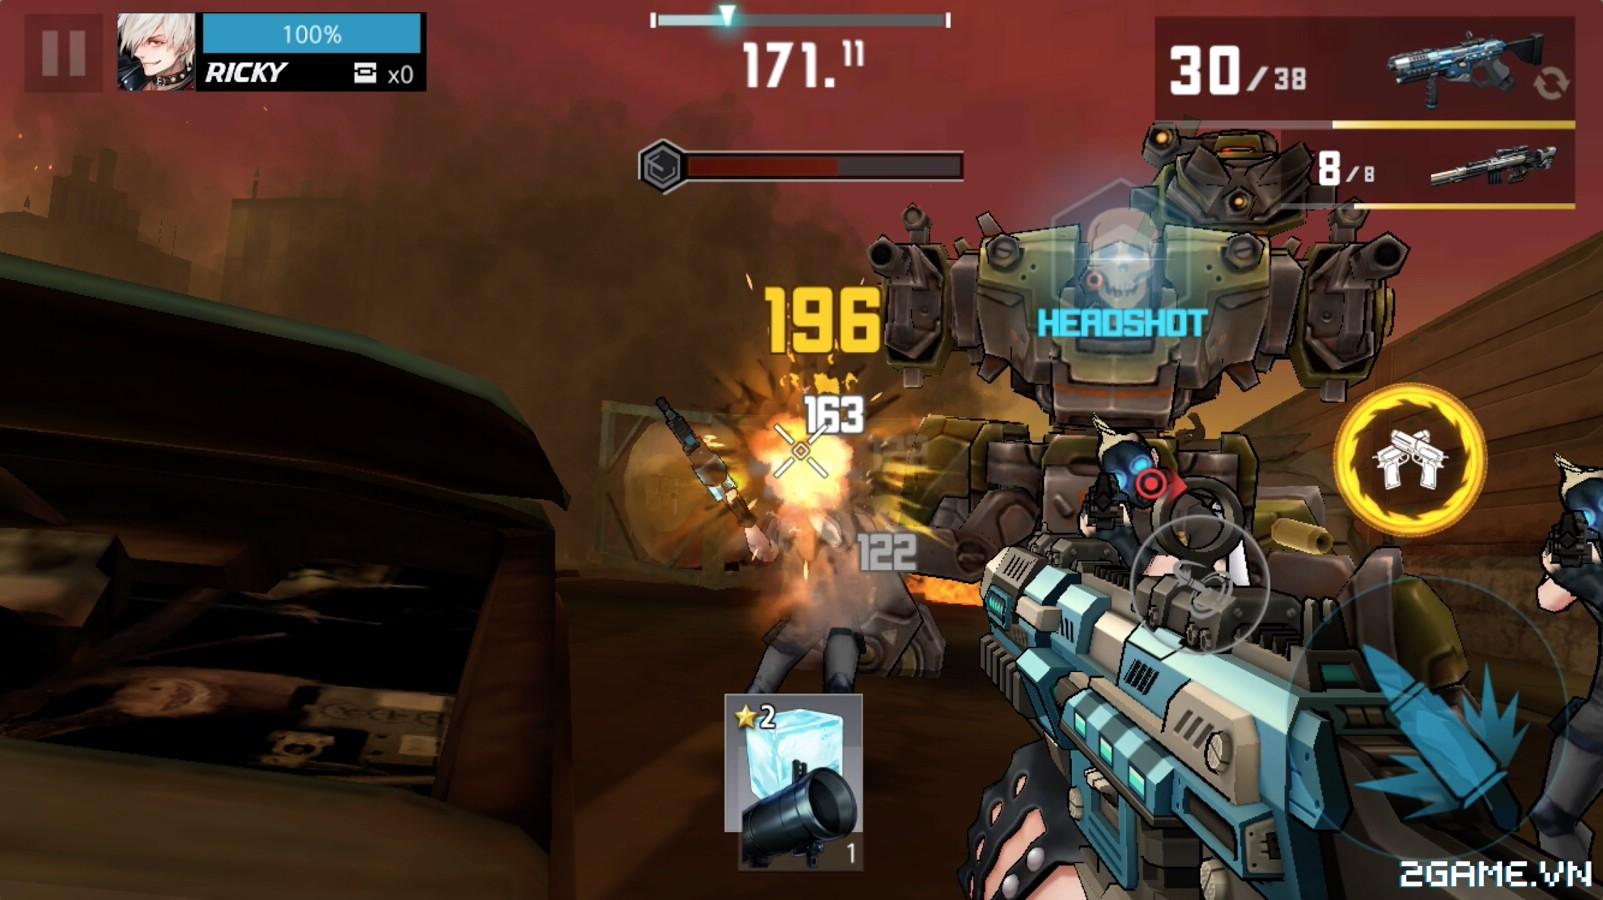 Wanted Killer: Game mobile bắn súng phong cách game thùng đầy chất chơi 0